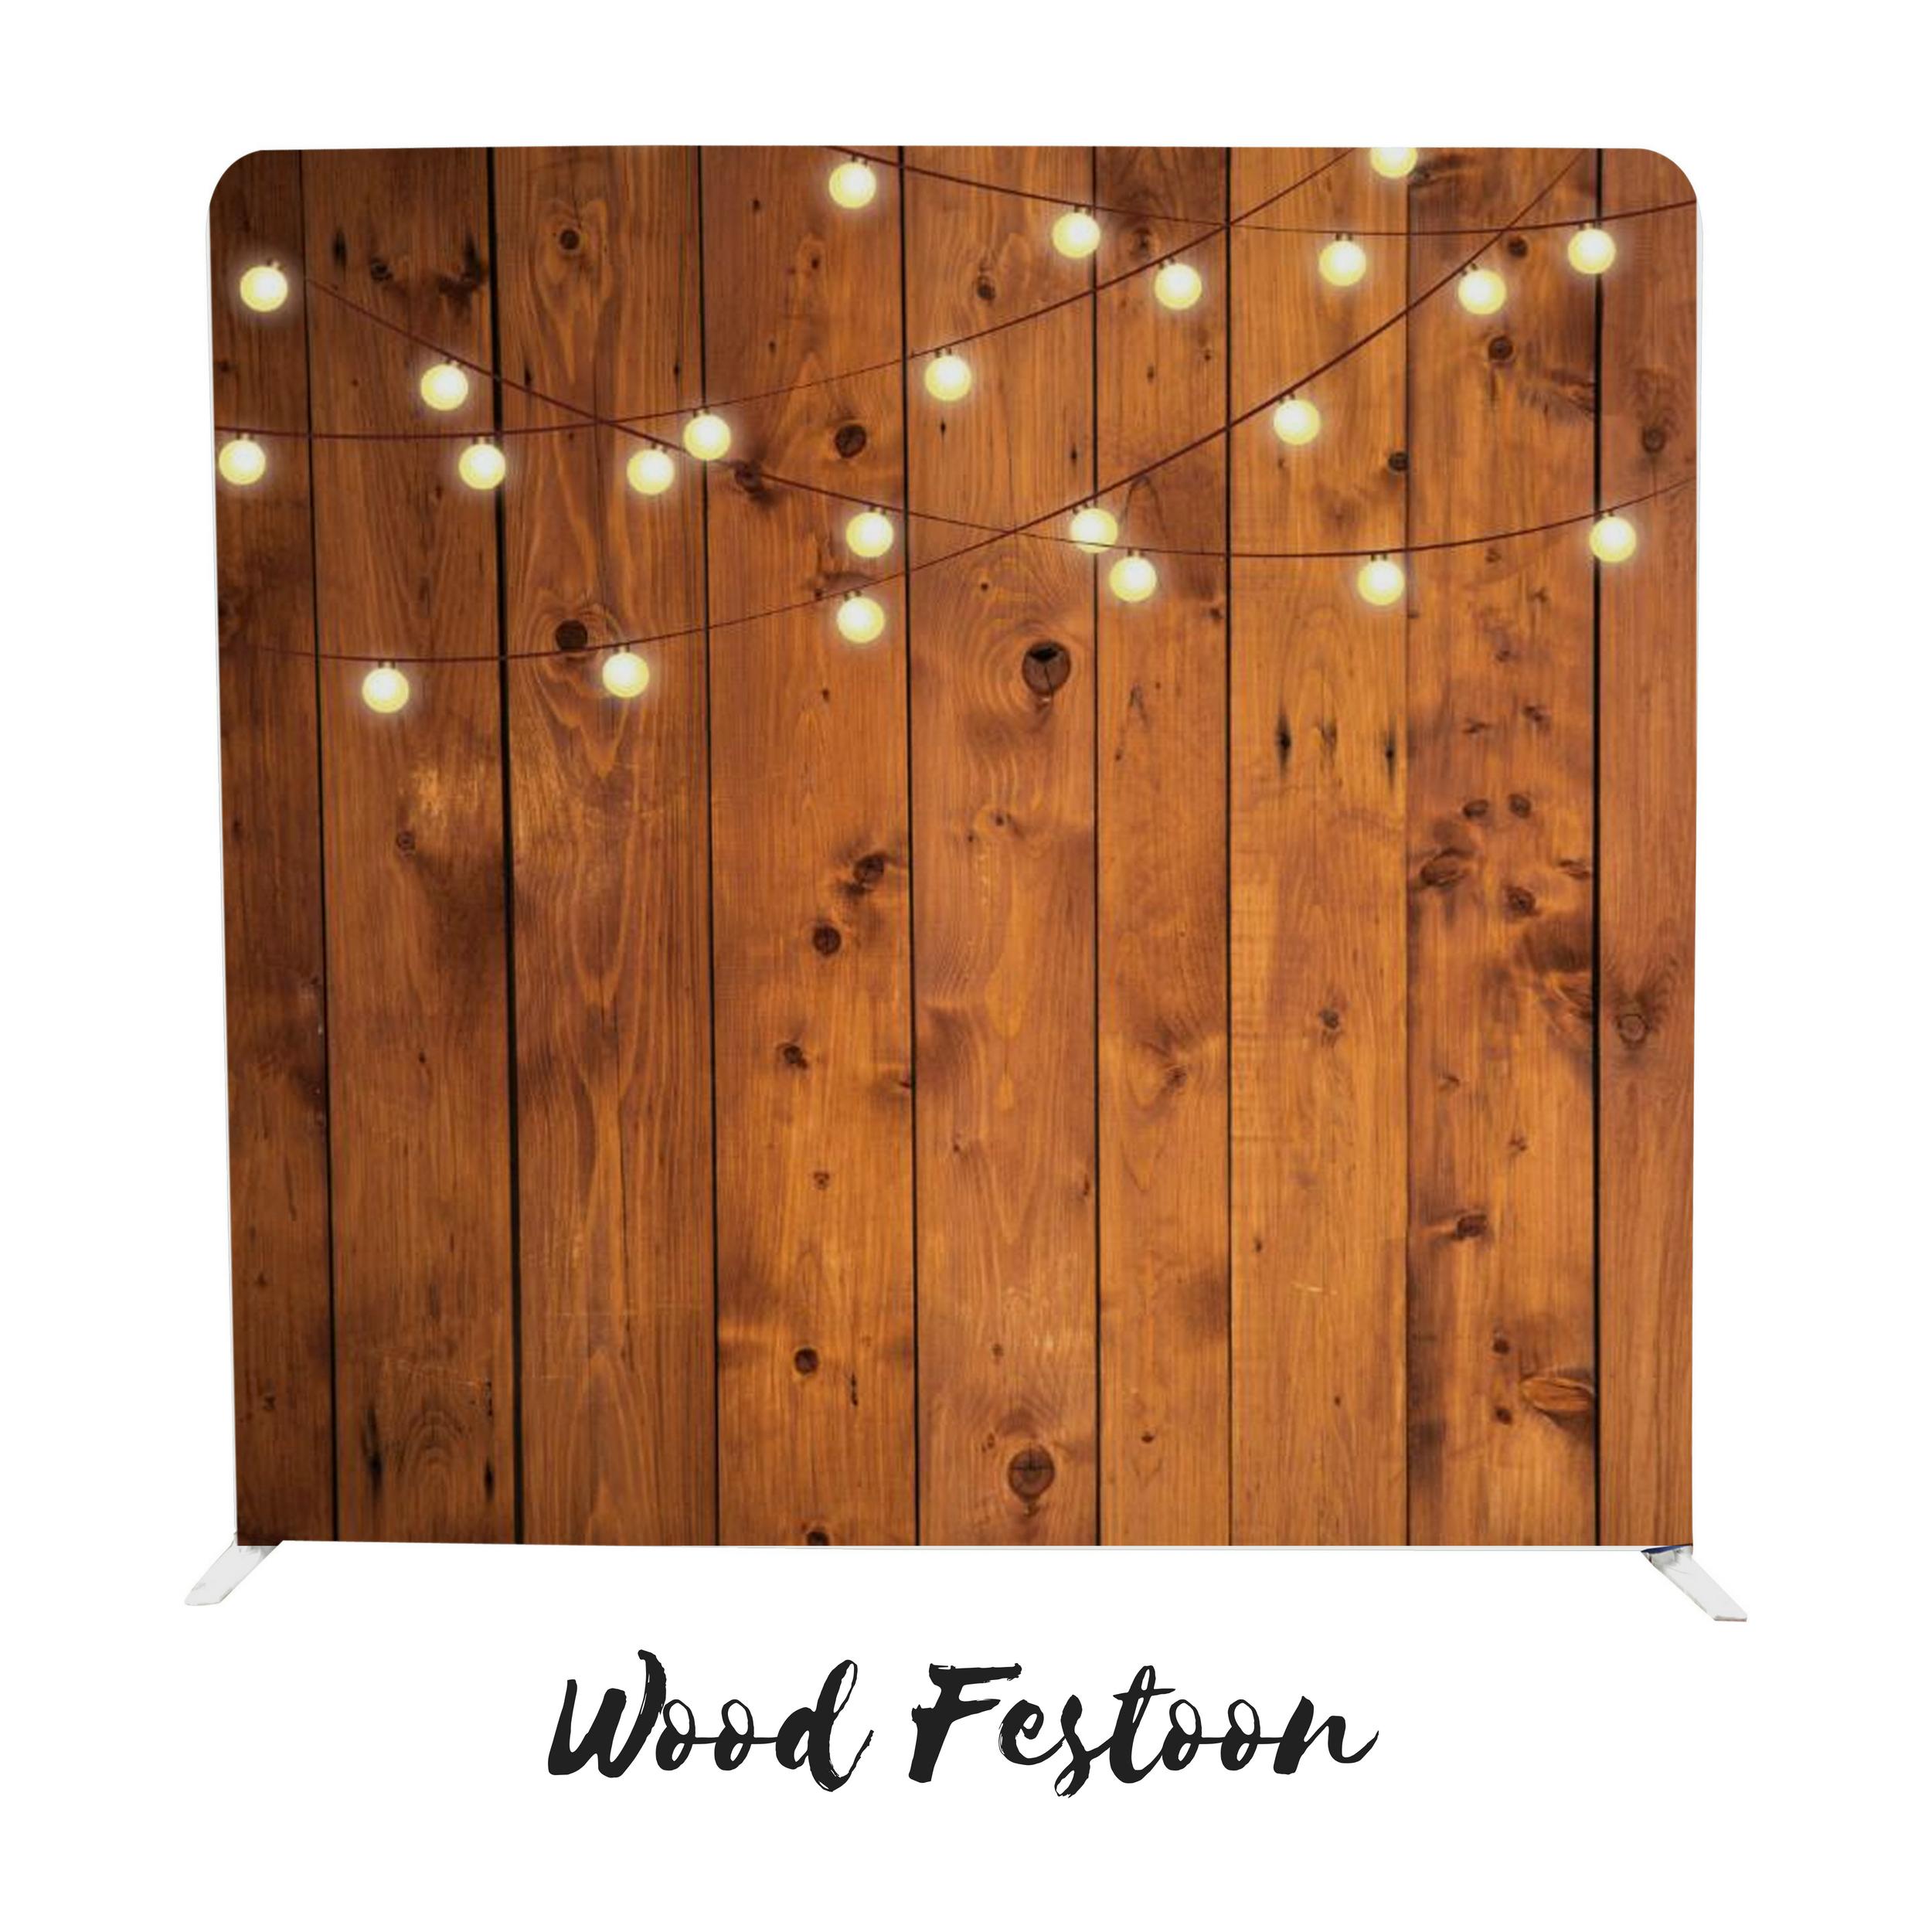 Wood Festoon.jpg